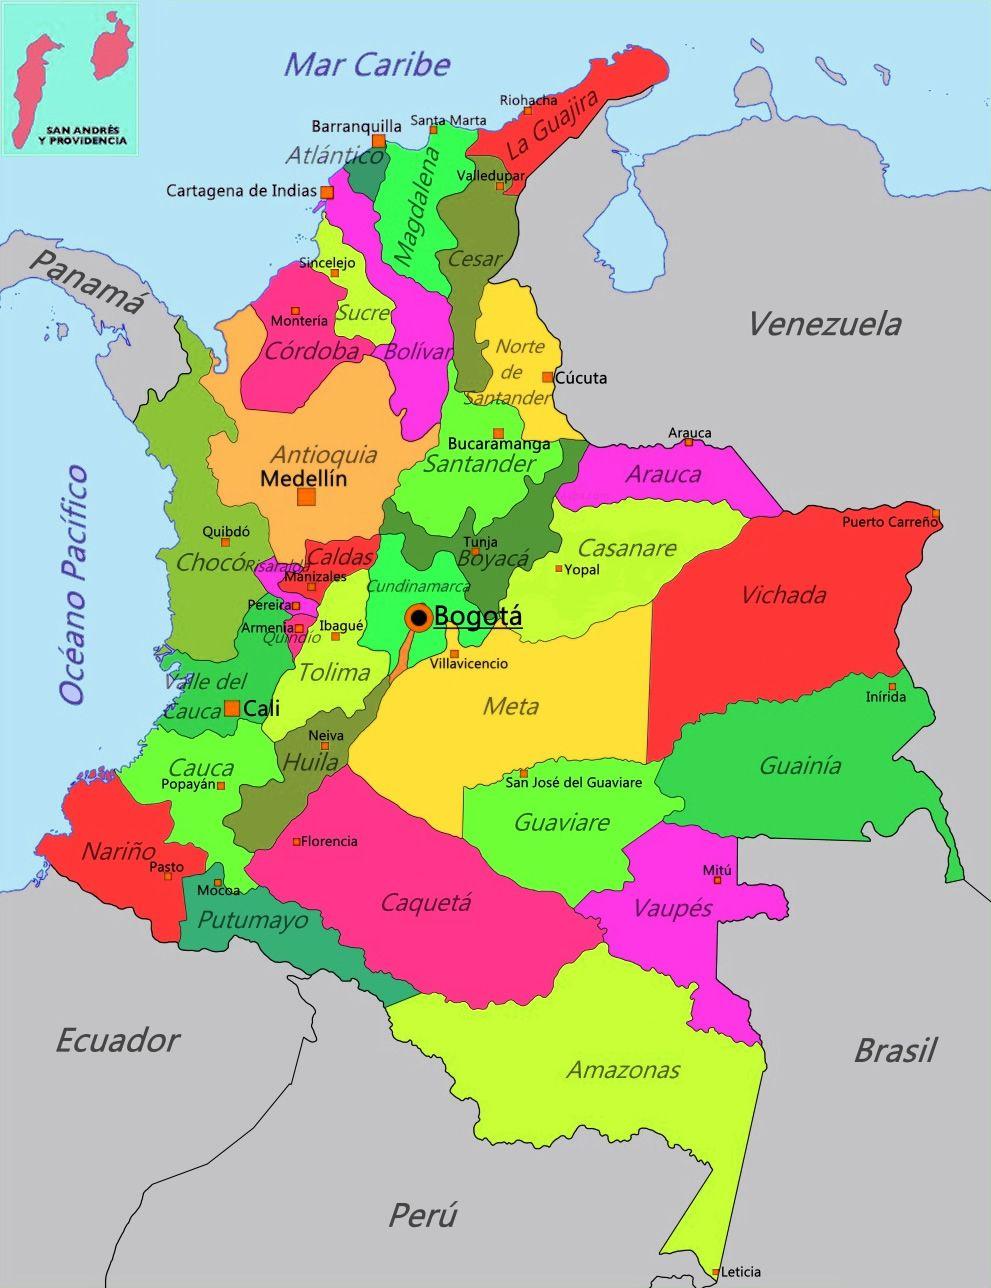 Mapa de Colombia con su división política.